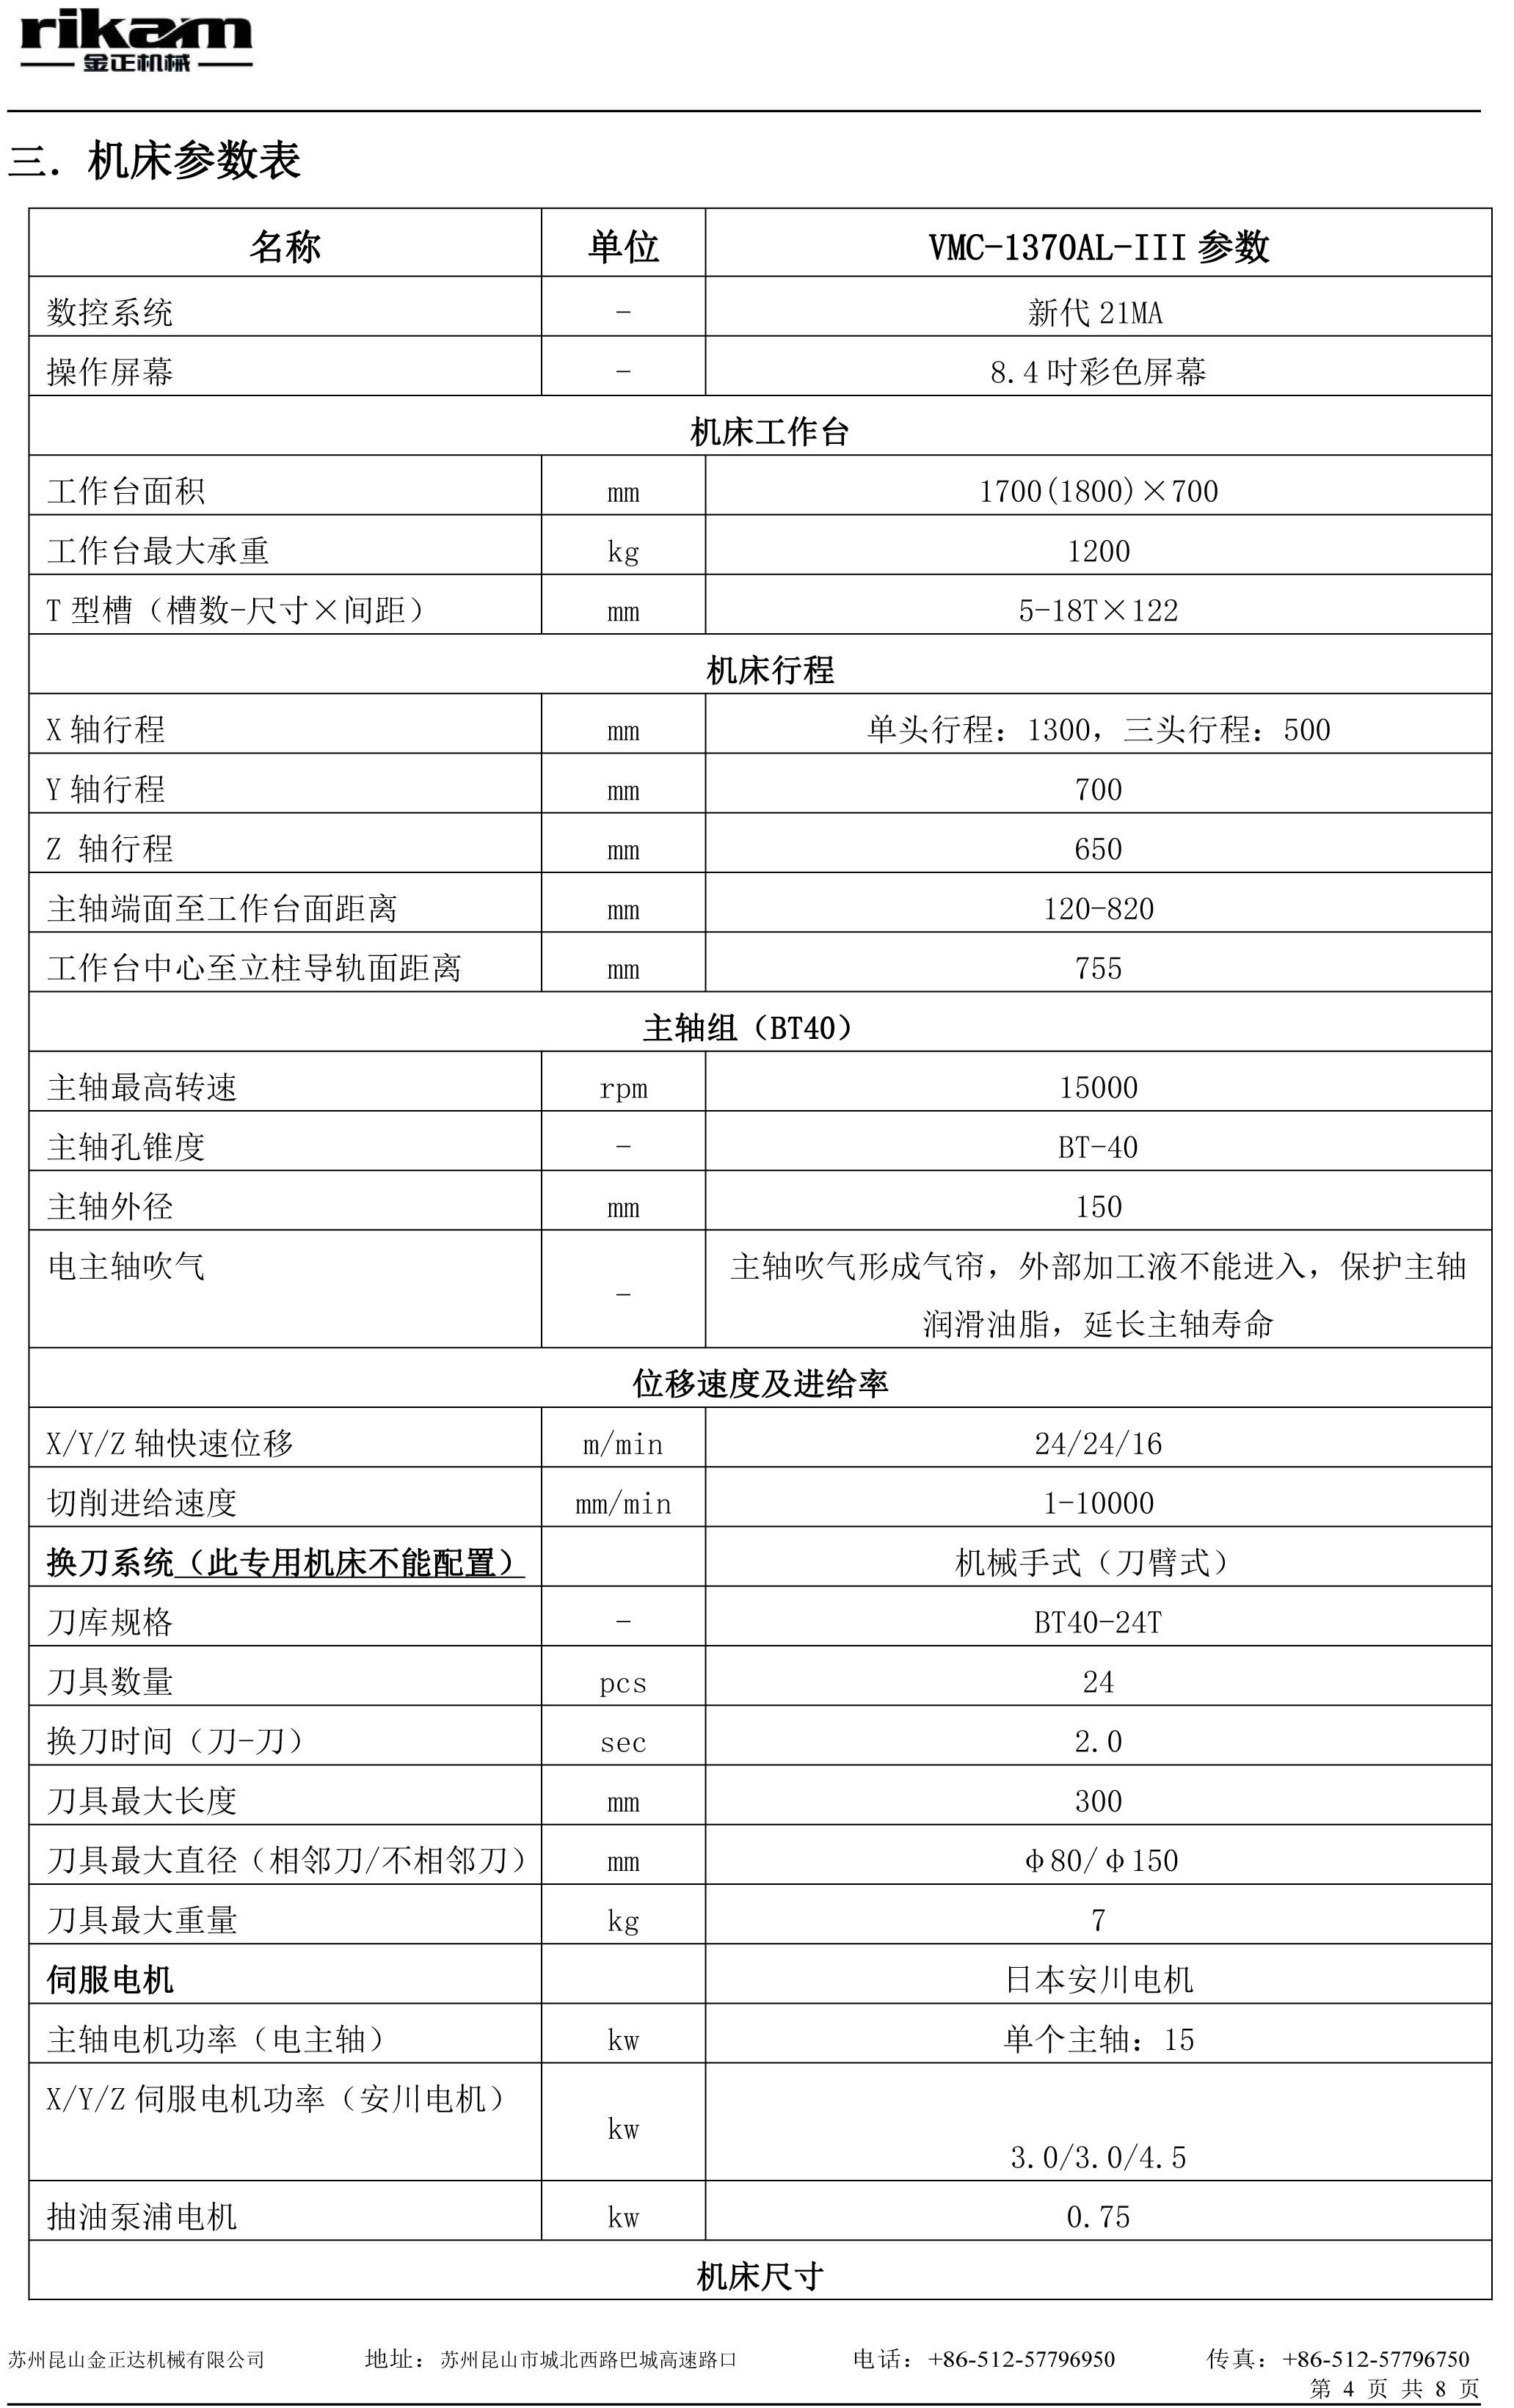 超高转速高精度高光机厂家/沈阳雕铣机厂家/苏州市金正达机械有限公司